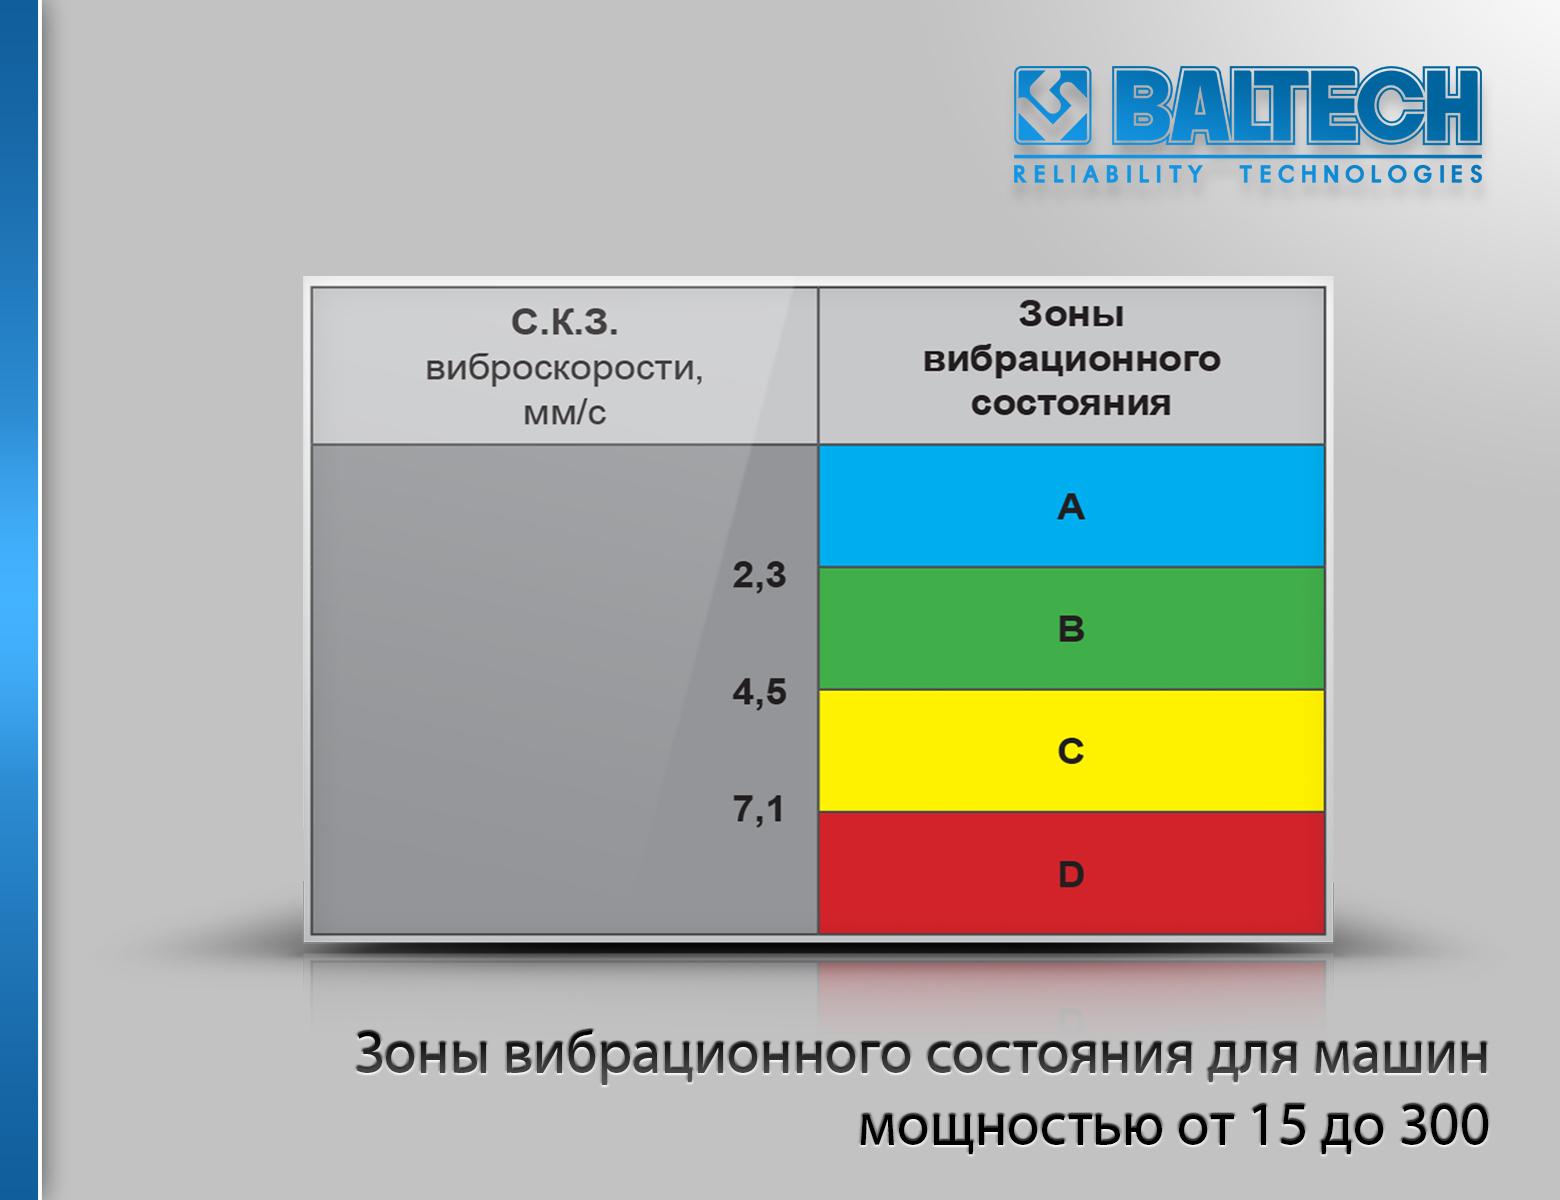 ГОСТ ИСО 10816- 2004, диагностика станков, диагностика станочного оборудования